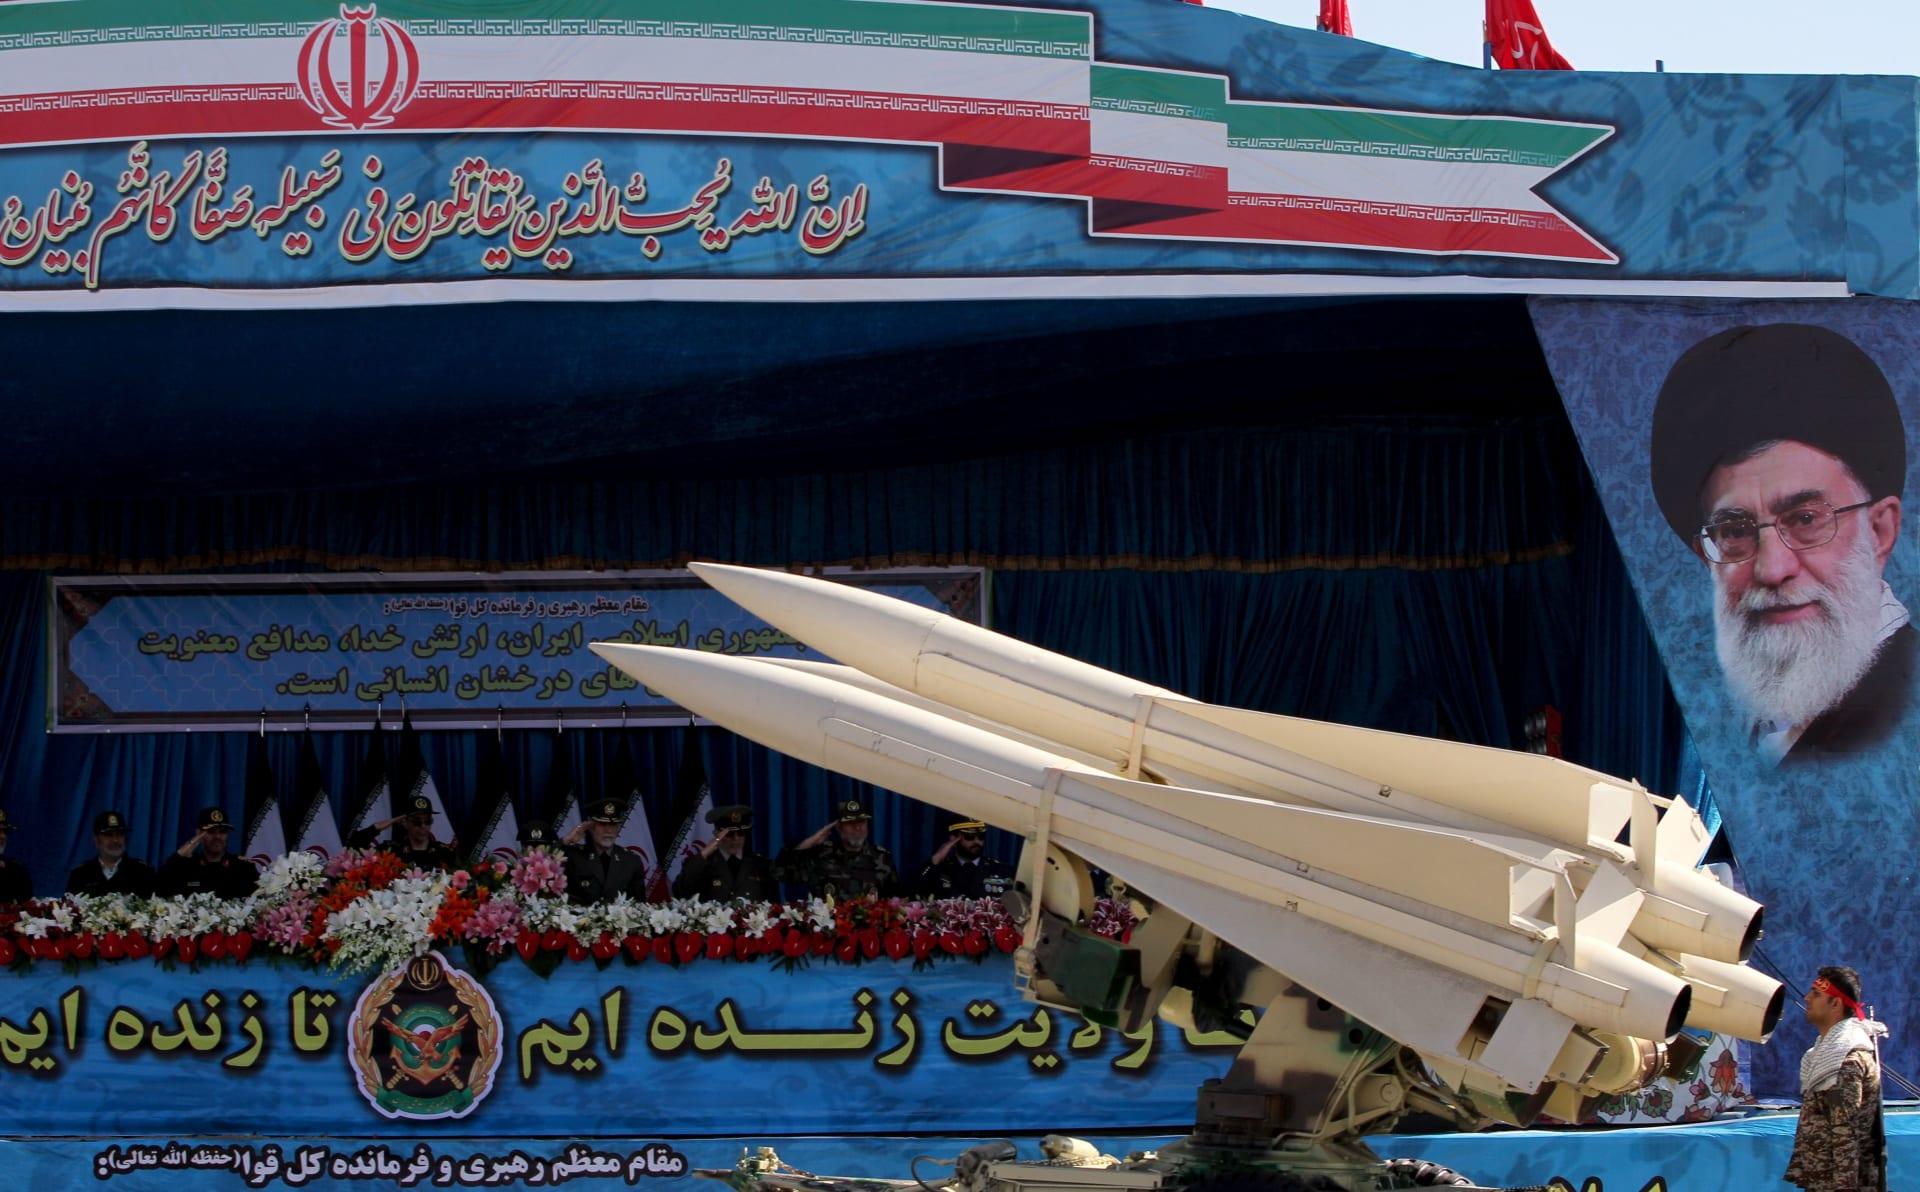 نائب أمريكي يربط أحداث كوريا وإيران والعراق: علينا دعم الأكراد